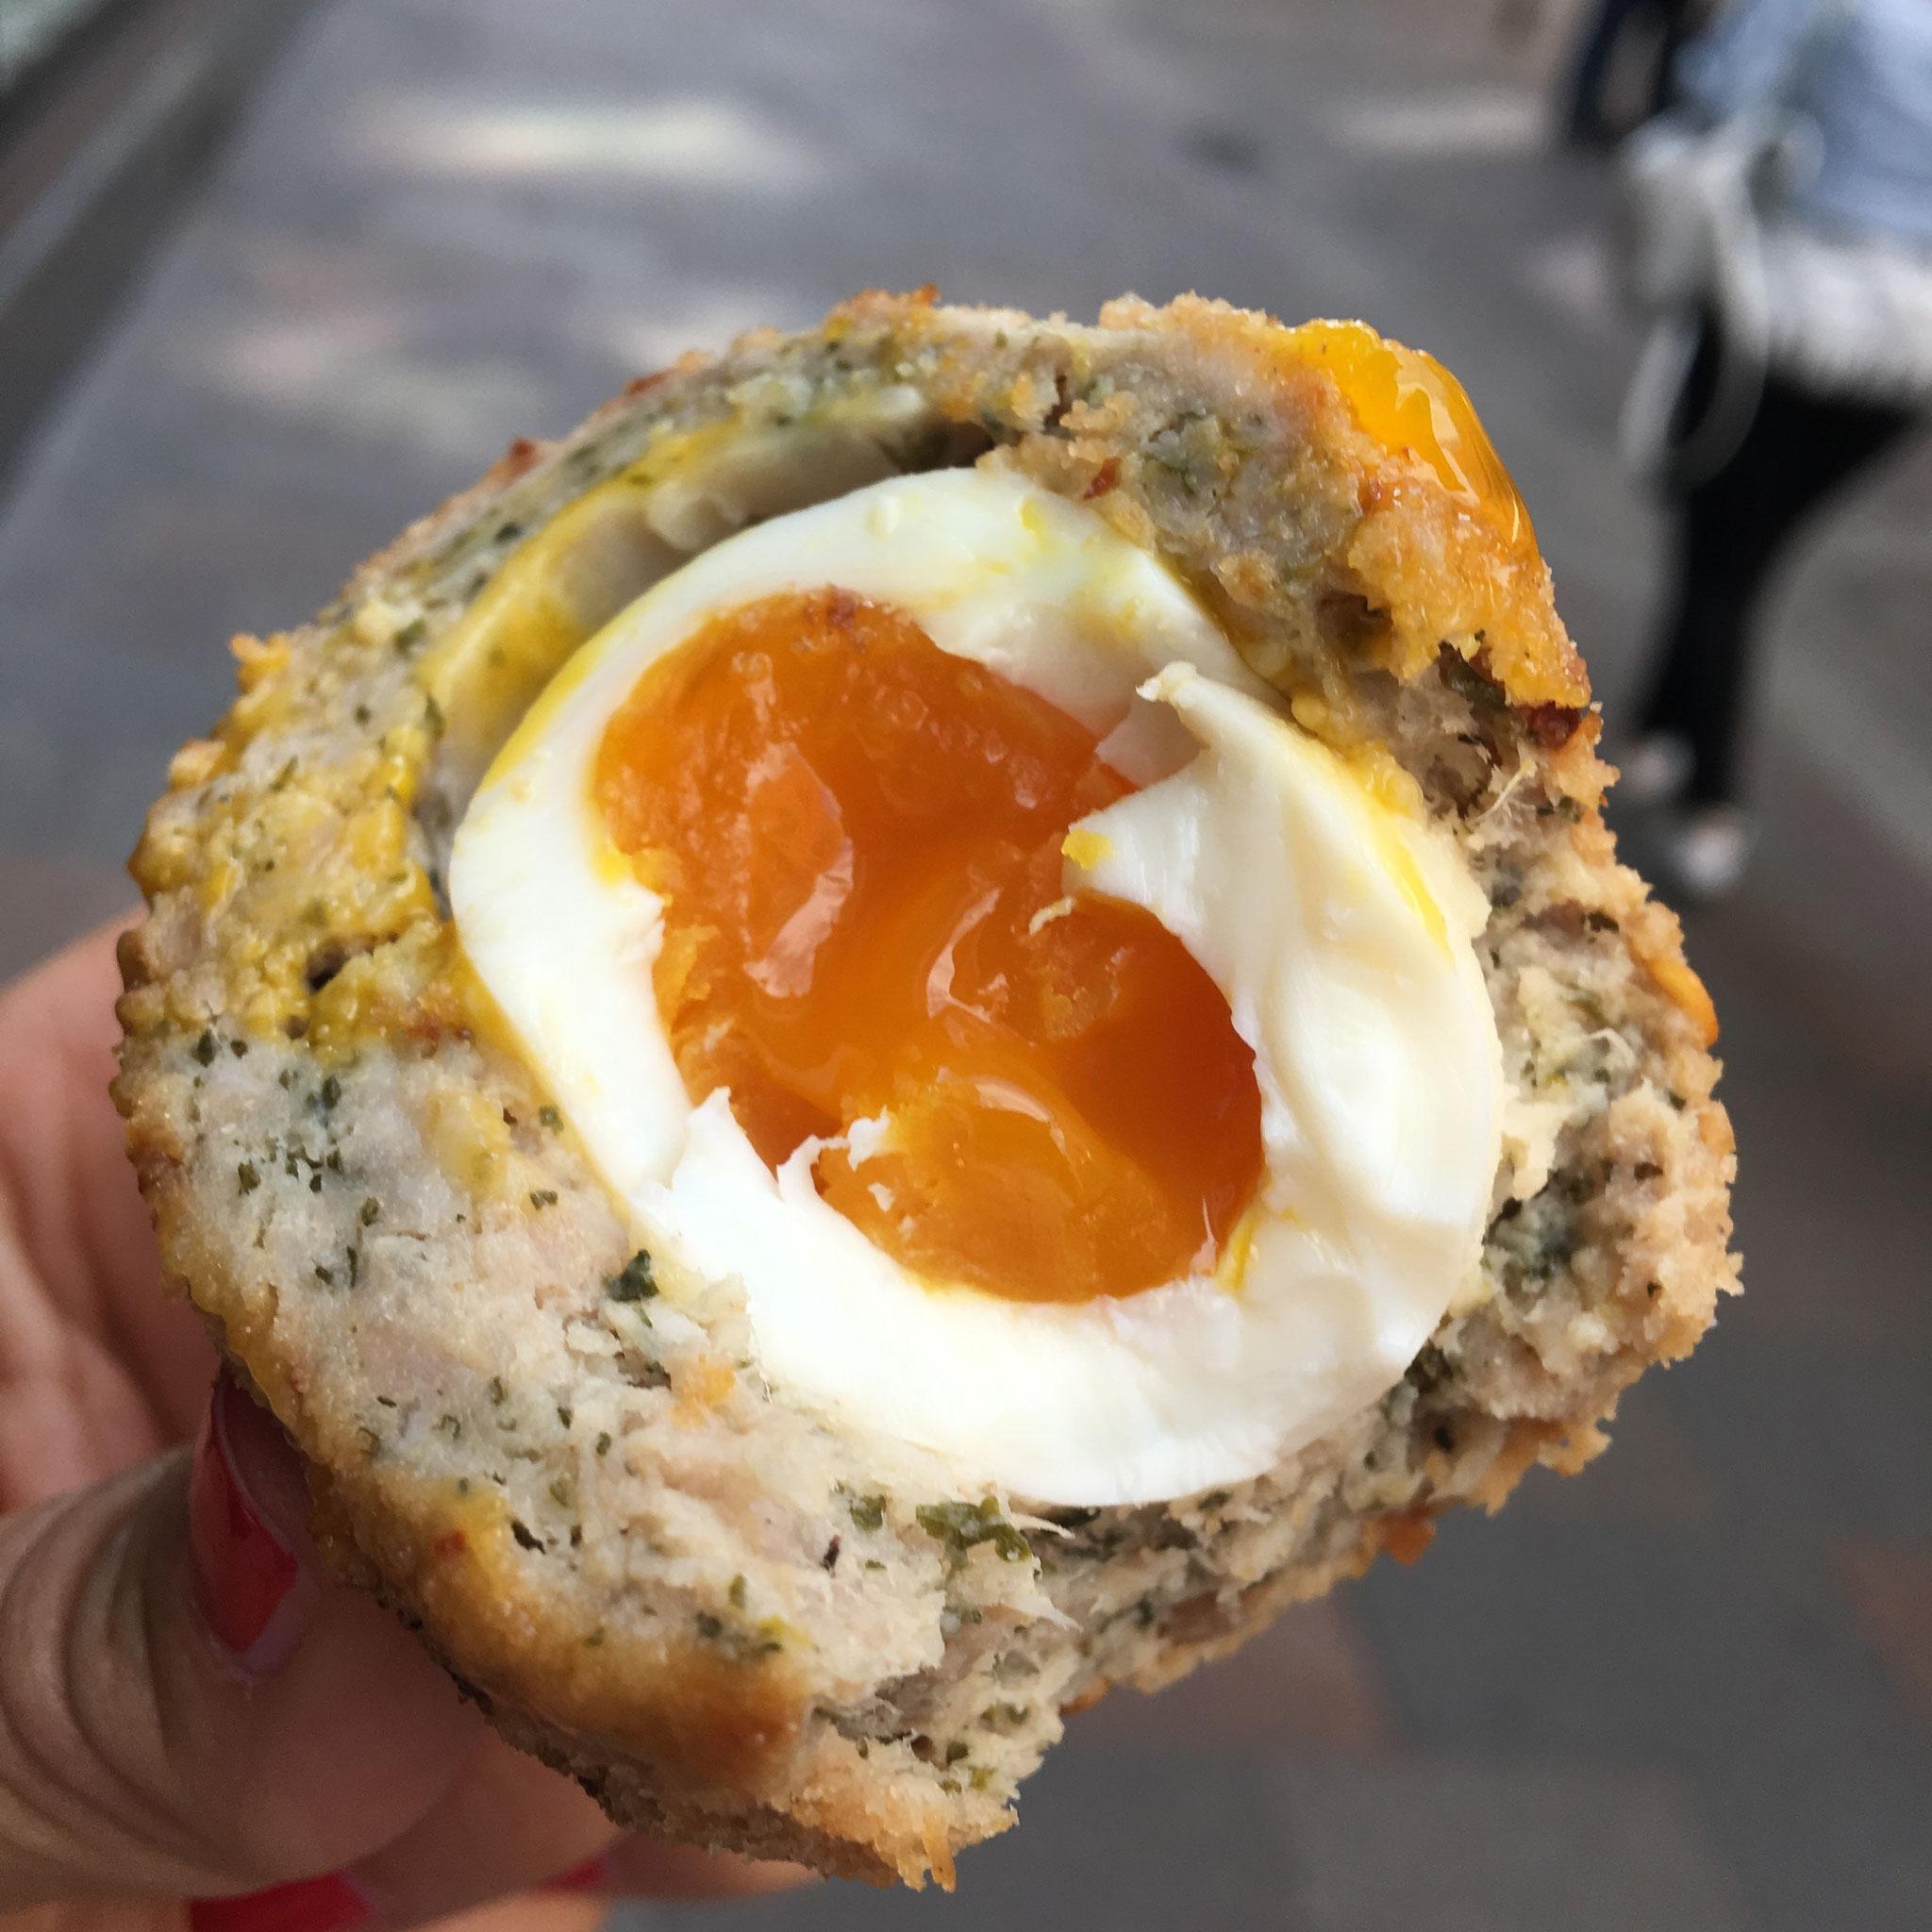 Harrods London scotch egg